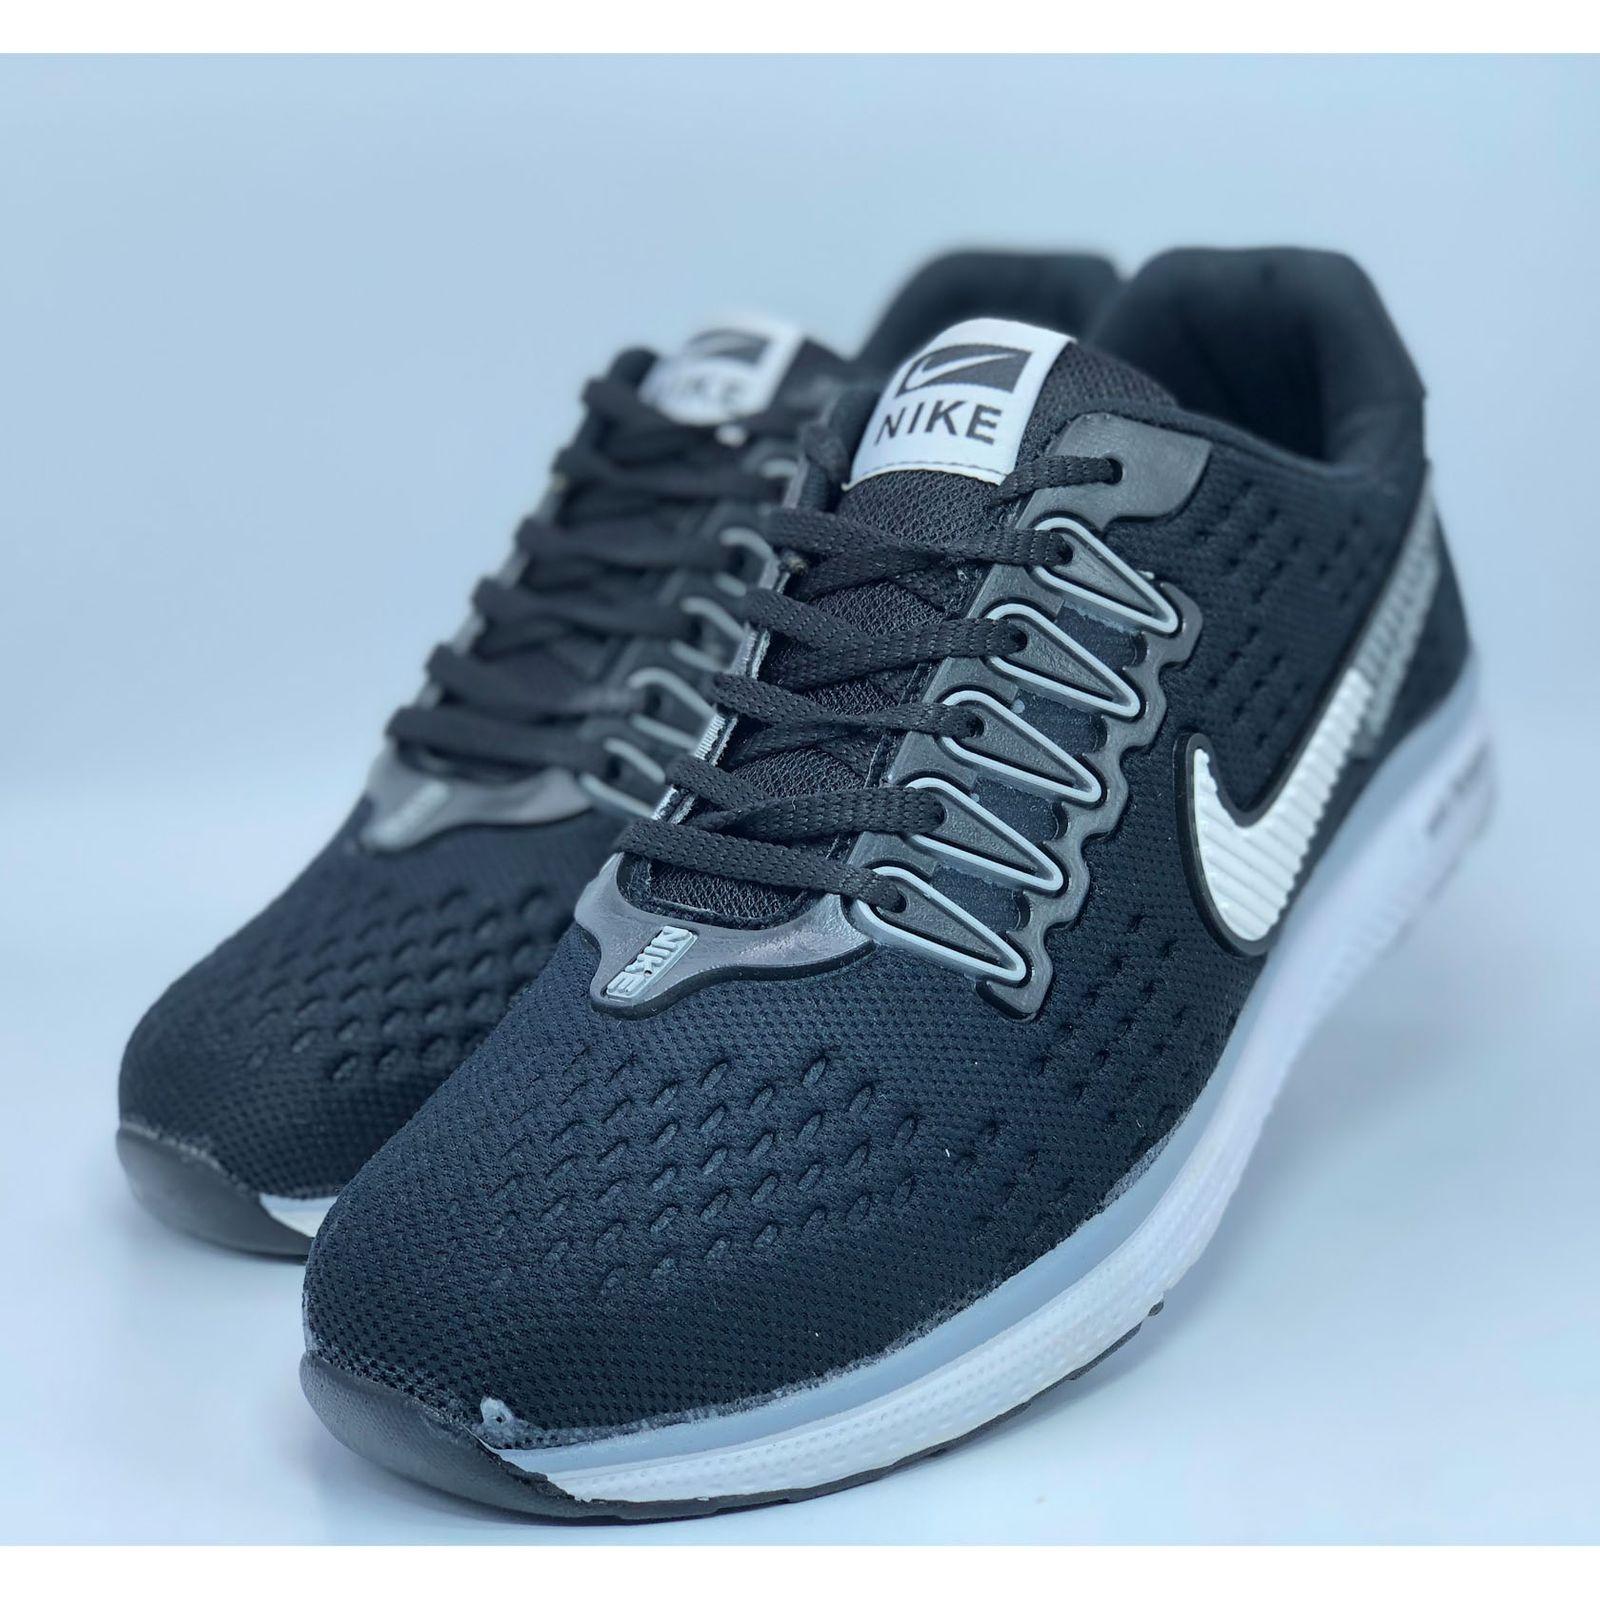 کفش مخصوص پیاده روی مردانه کد nk 200 main 1 1